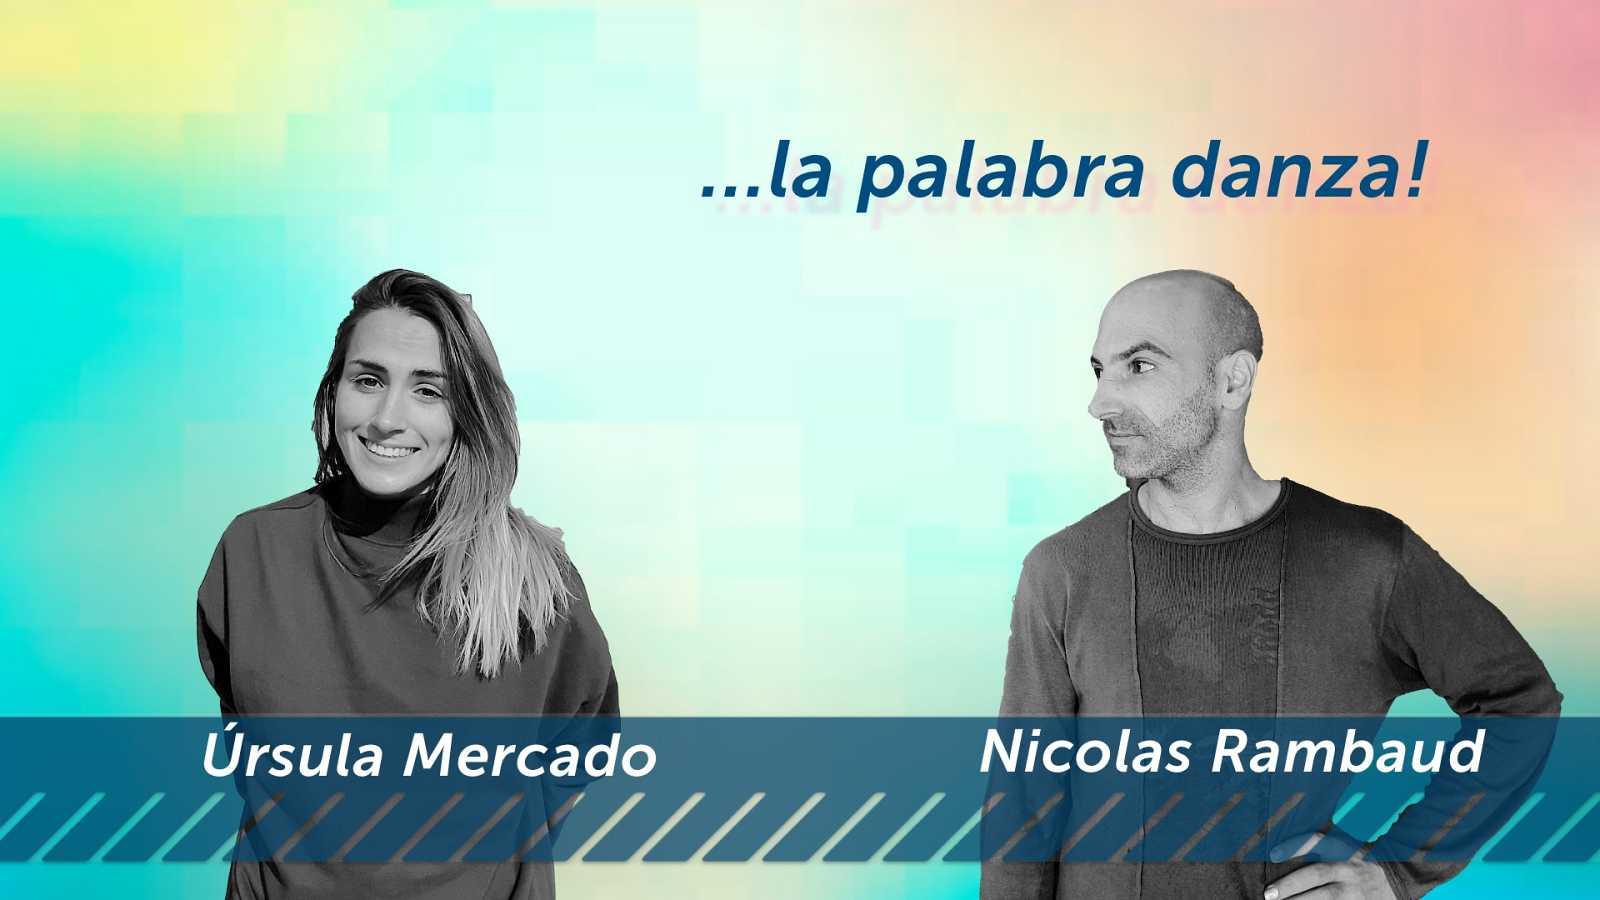 Buzón de baile - SERENIDAD / ACOMPAÑAMIENTO - Úrsula Mercado & Nicolas Rambaud - 26/11/20 - ver ahora